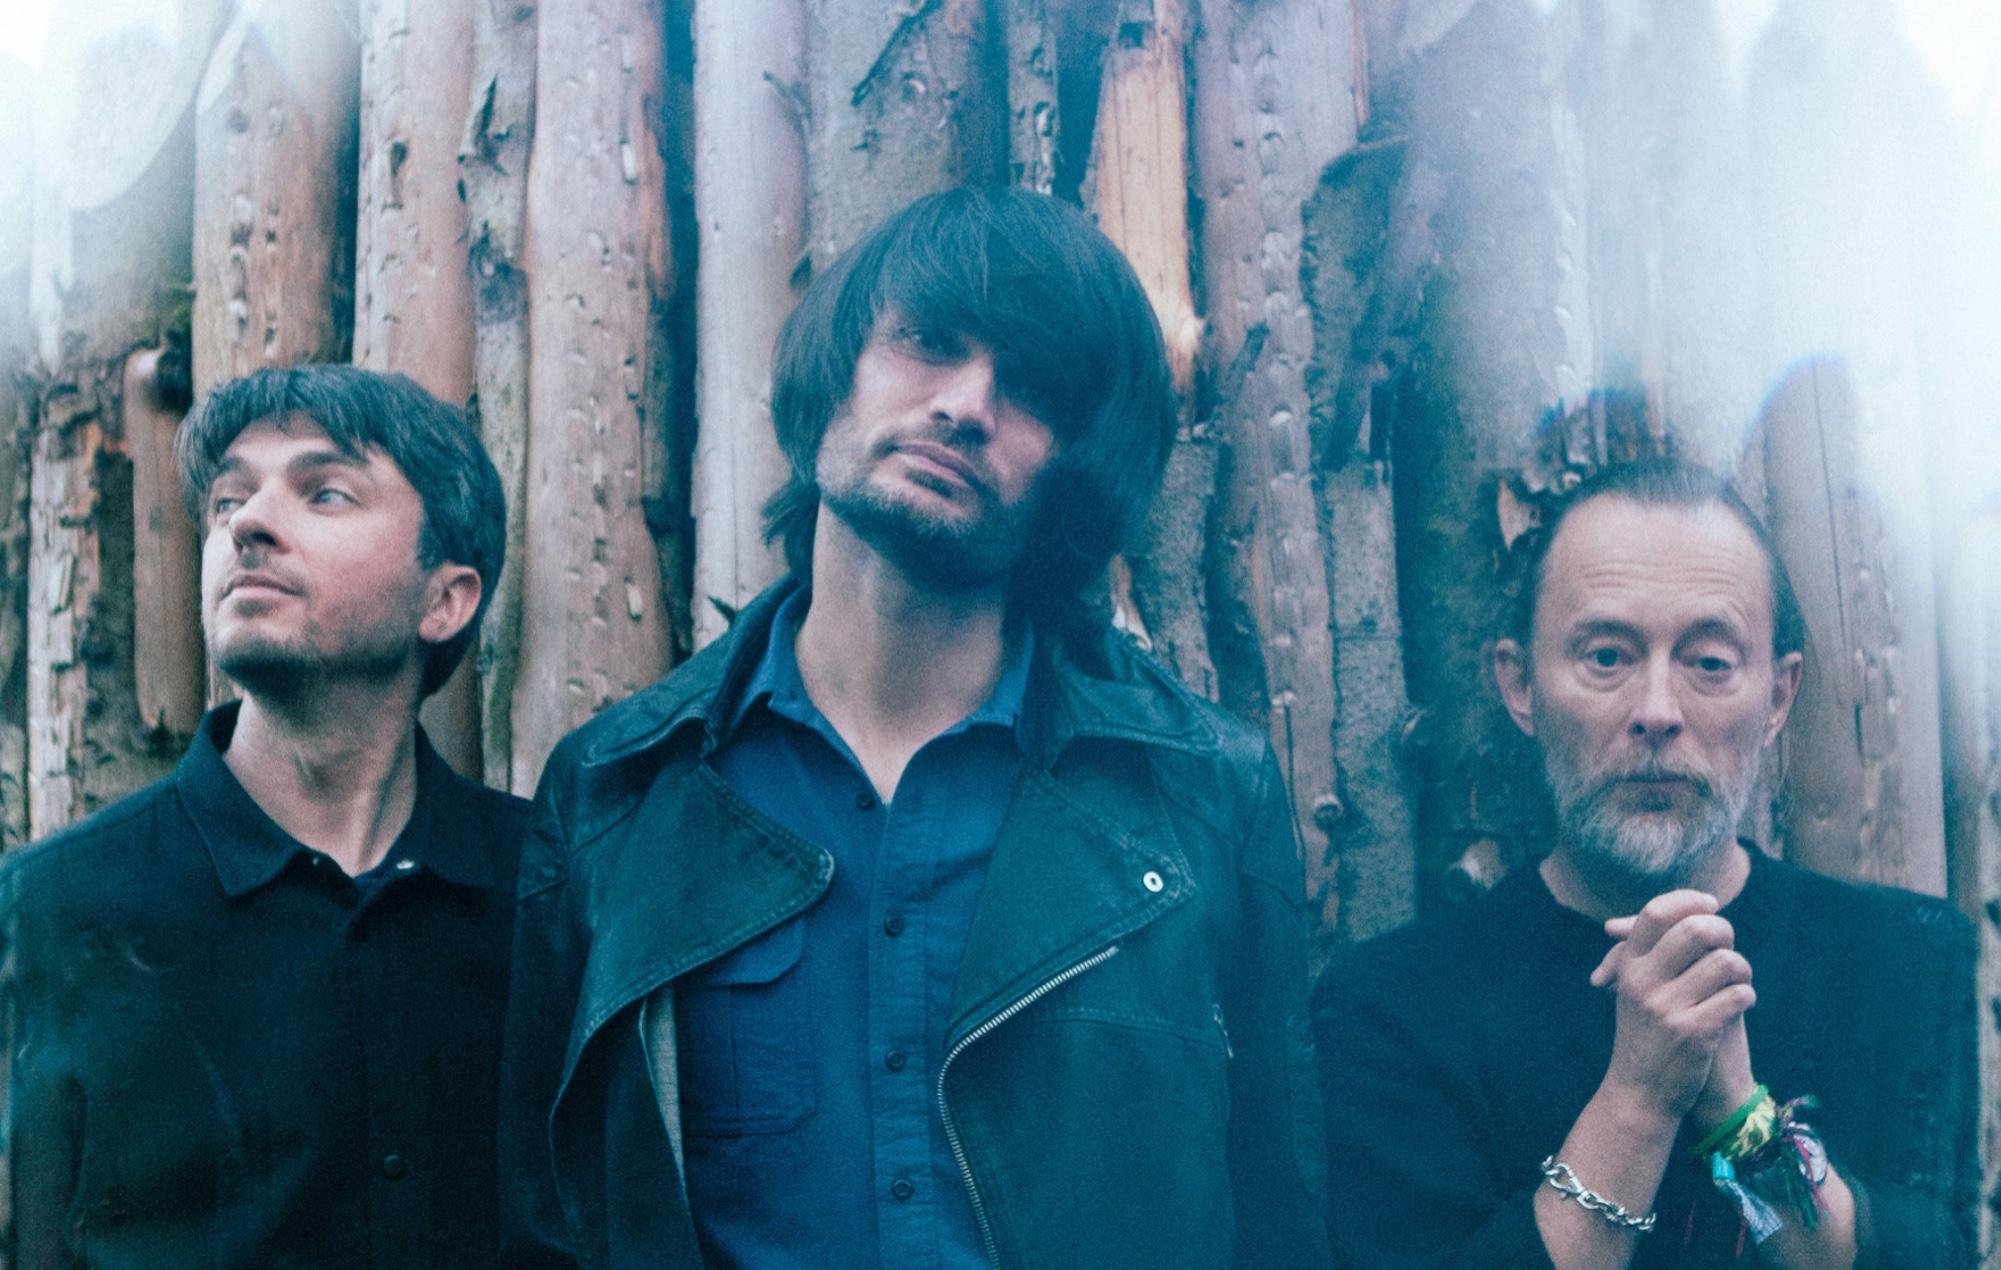 Thom Yorke, Johnny Greenwood and Tom Skinner